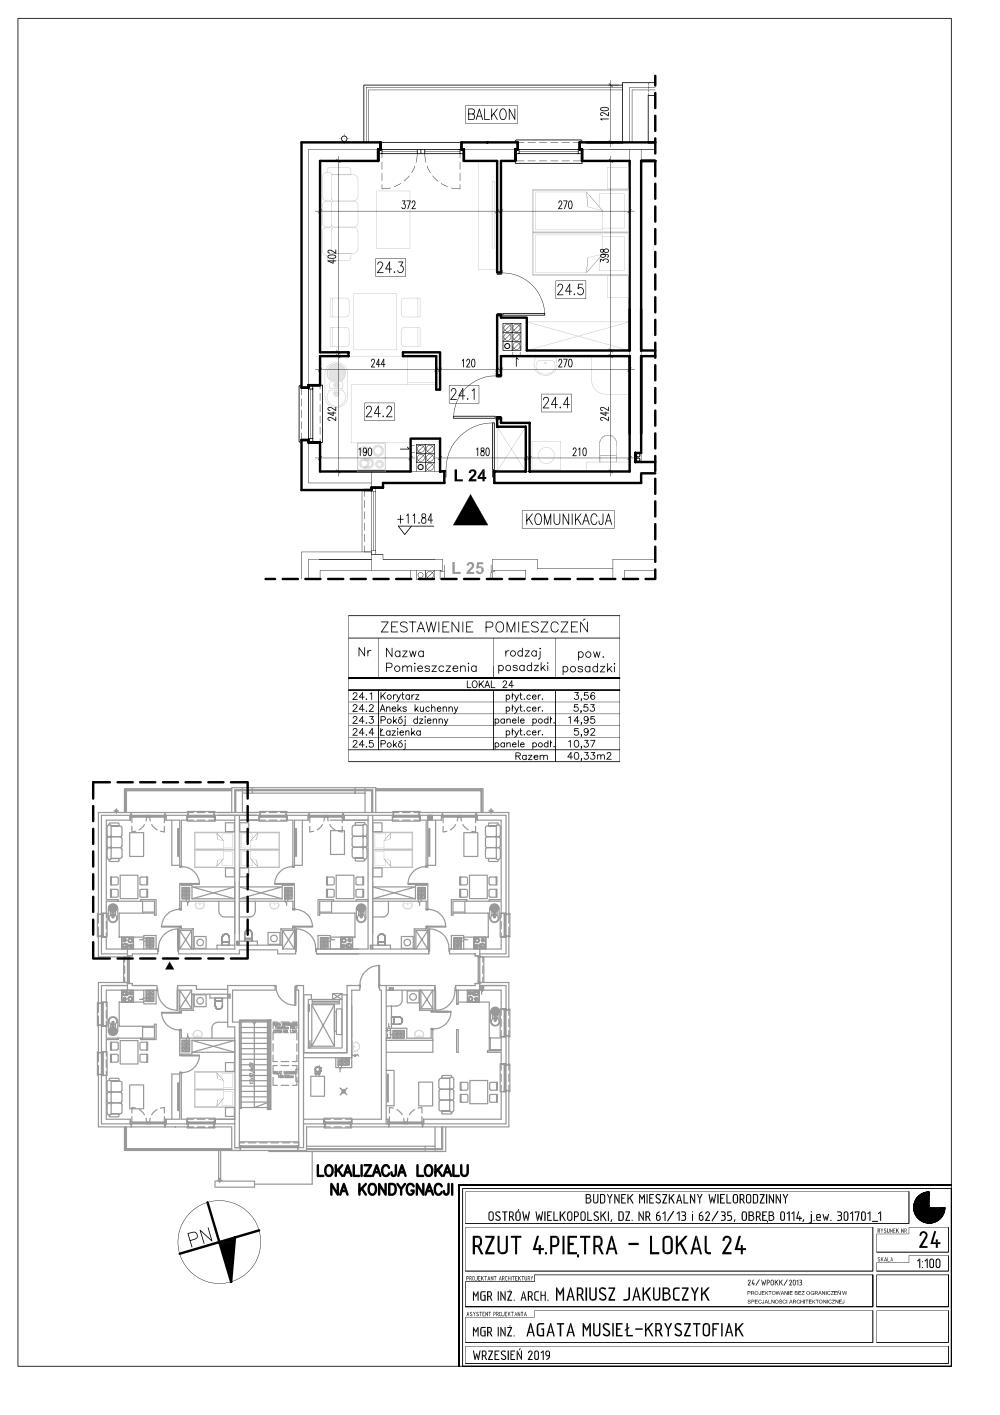 Lokal nr 24 Powierzchnia: 40,33 m2